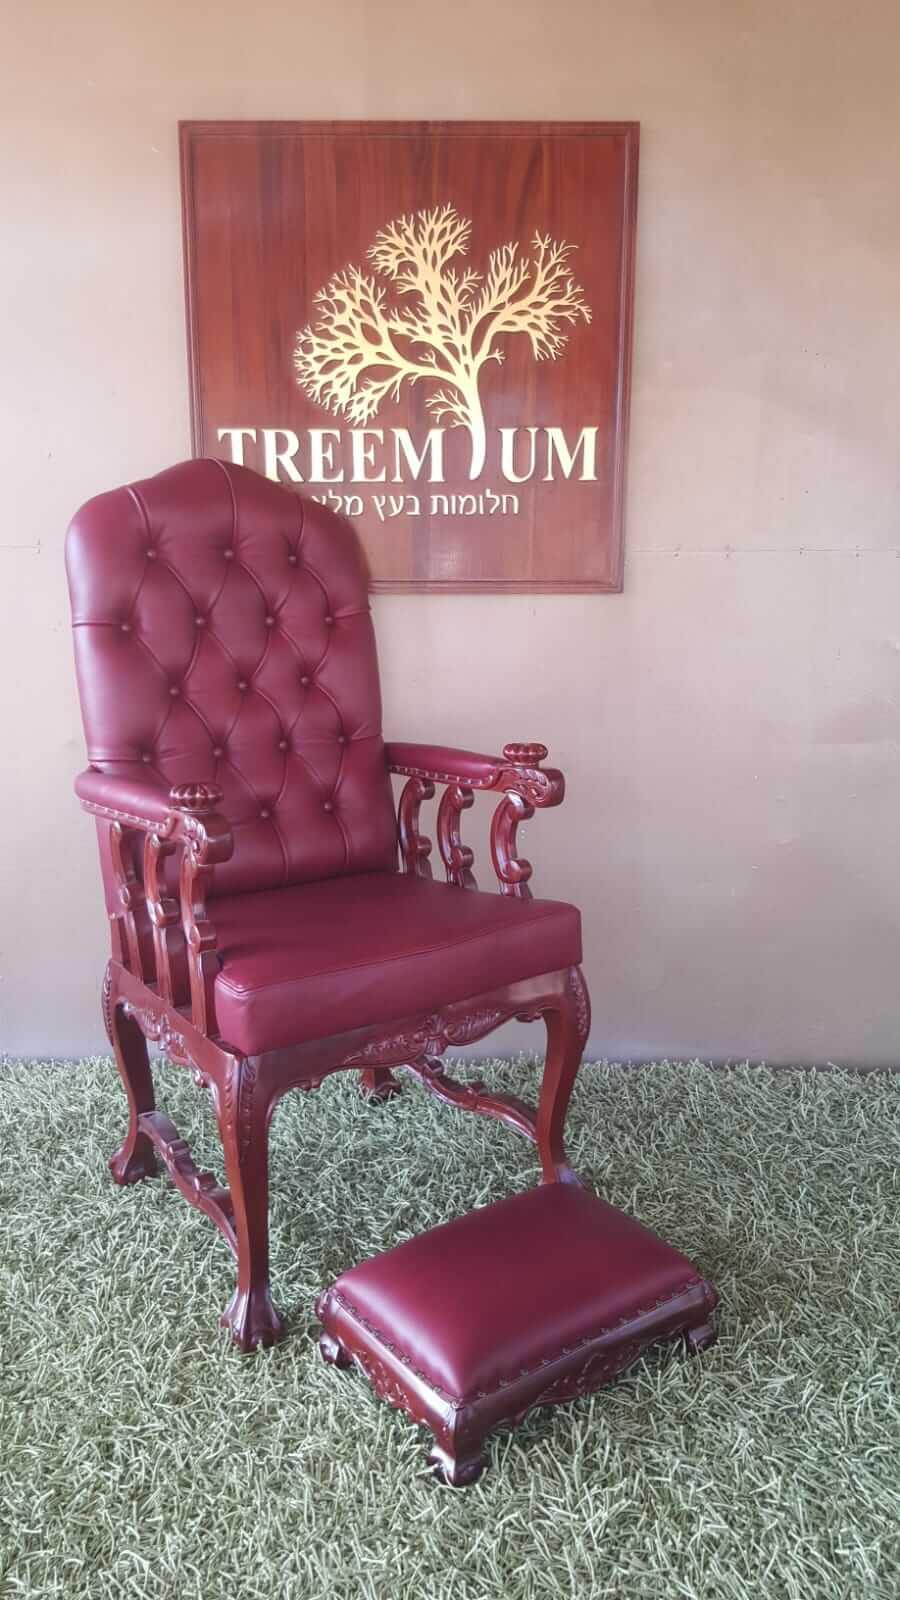 כיסא מפואר עץ מלא נגרות עבודת יד